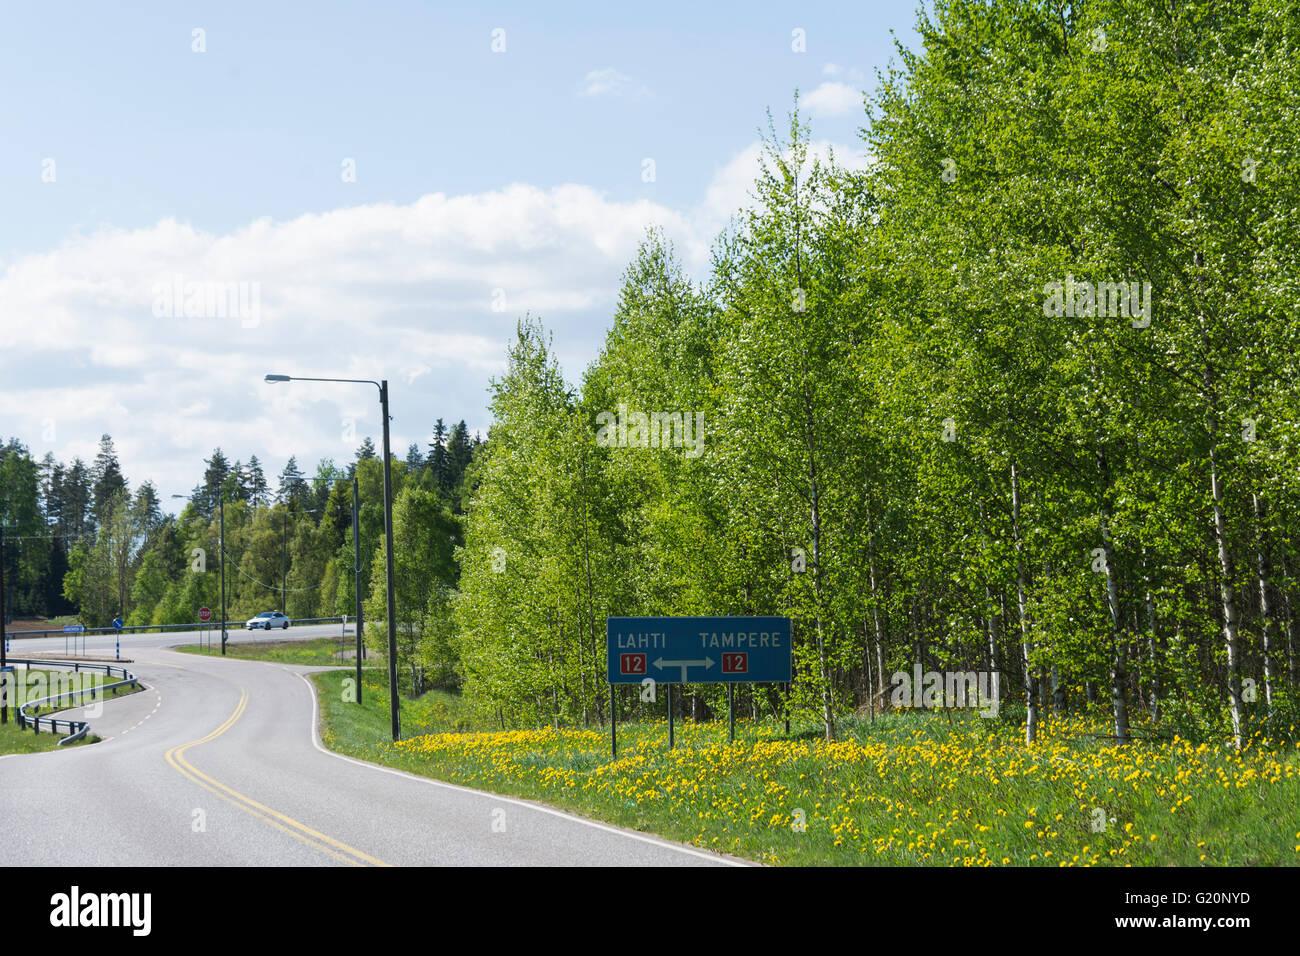 lahti-tampere-road-G20NYD.jpg